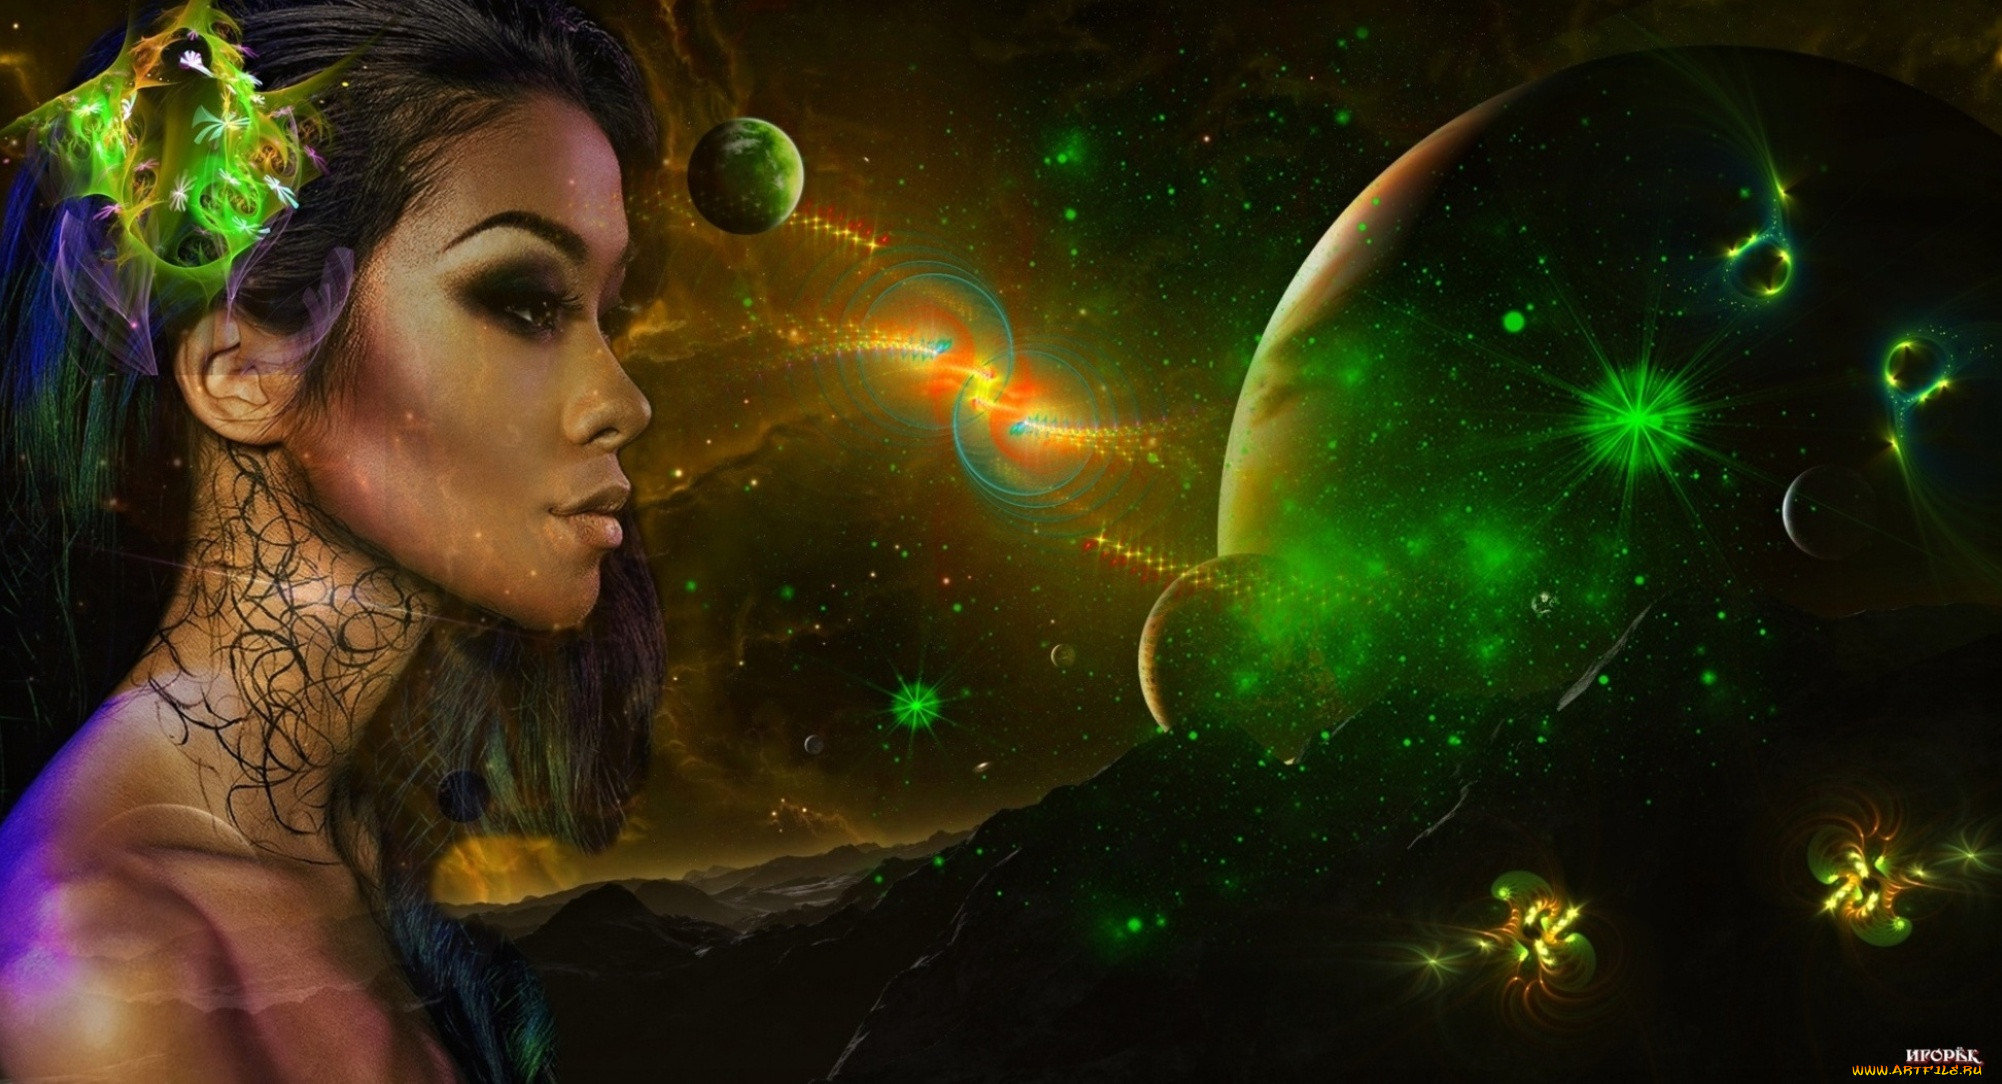 Картинка космической девушки